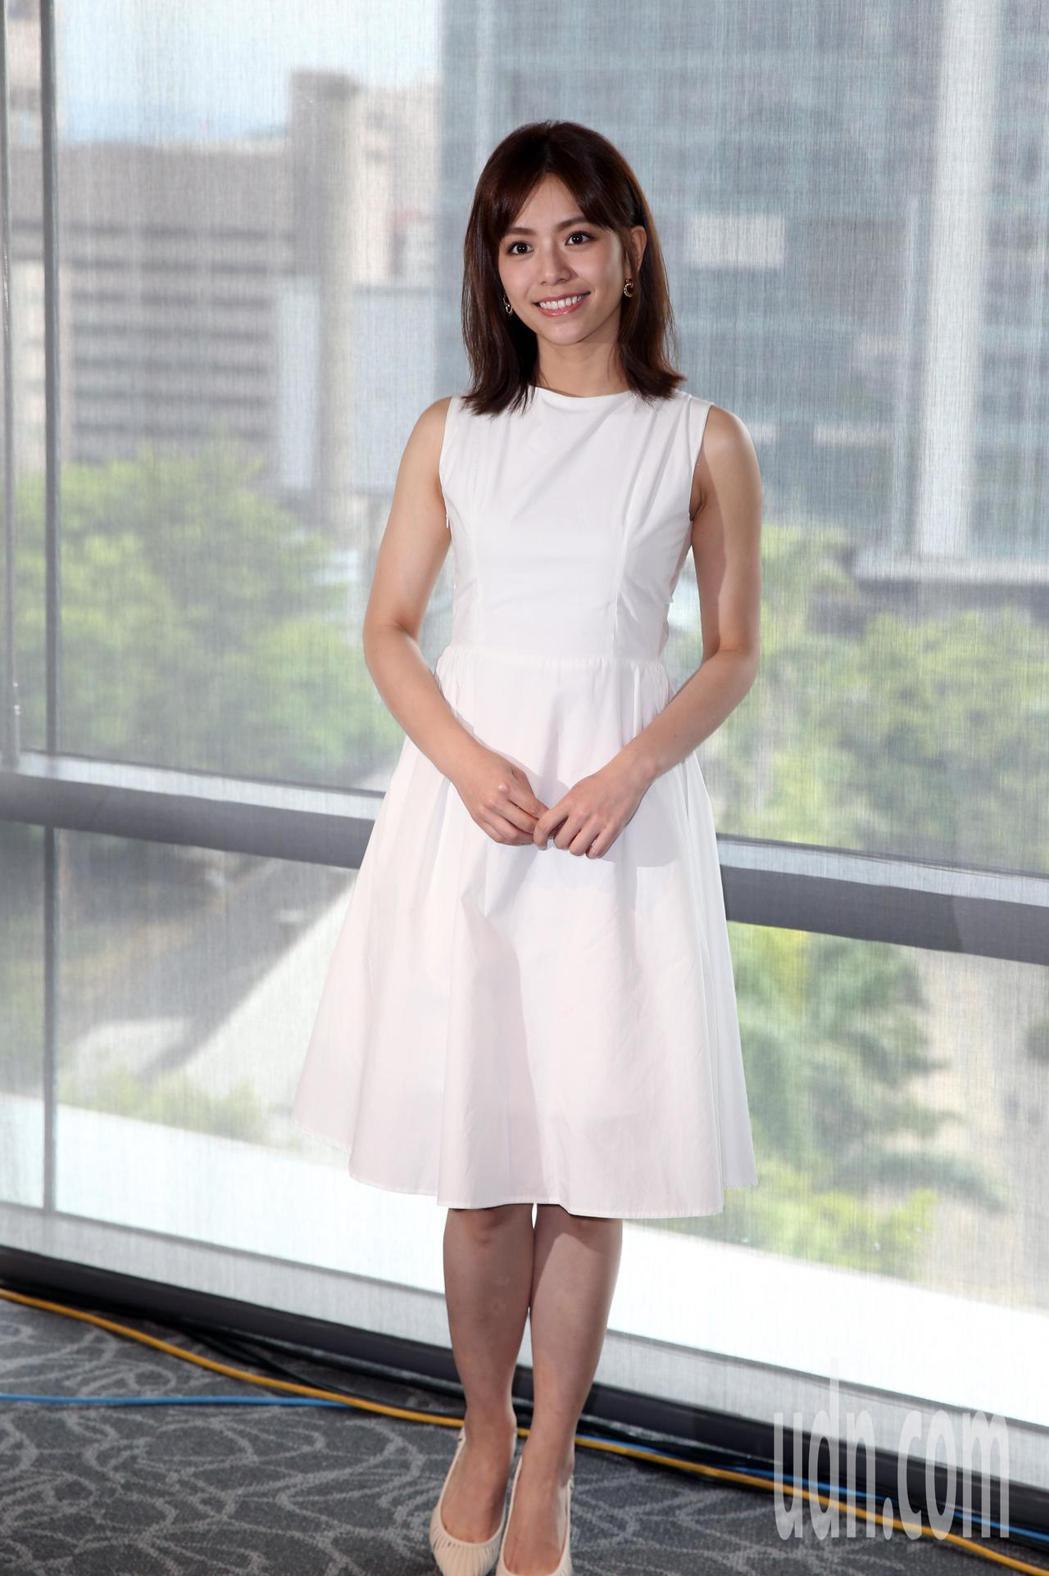 藝人宋芸樺出席永慶慈善基金會「人間公益影展」開幕記者會,擔任公益代言人。記者曾吉